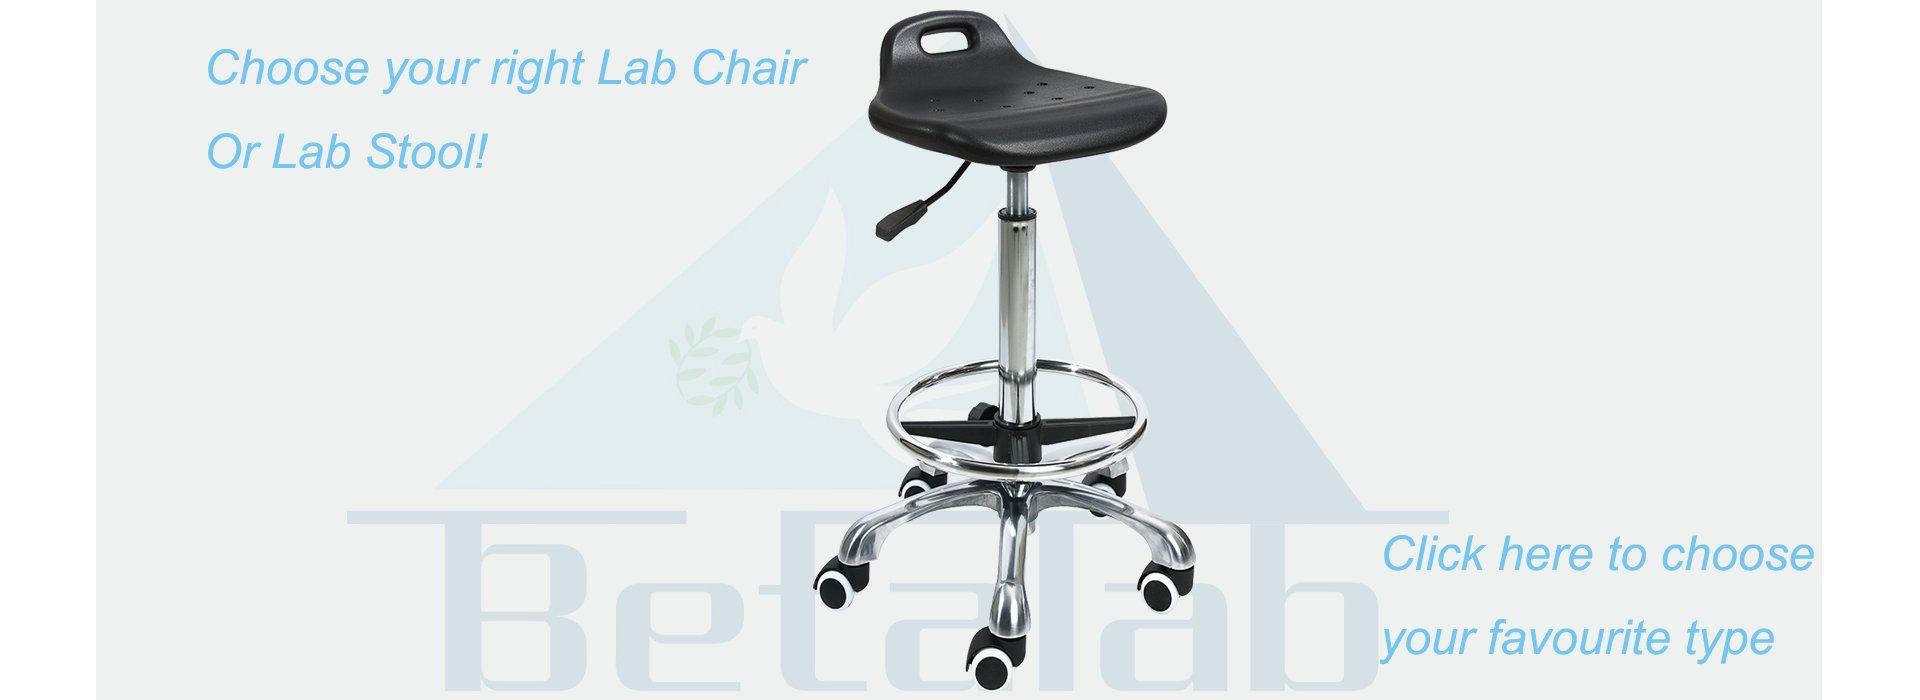 Beta Lab Stool Lab Chair.